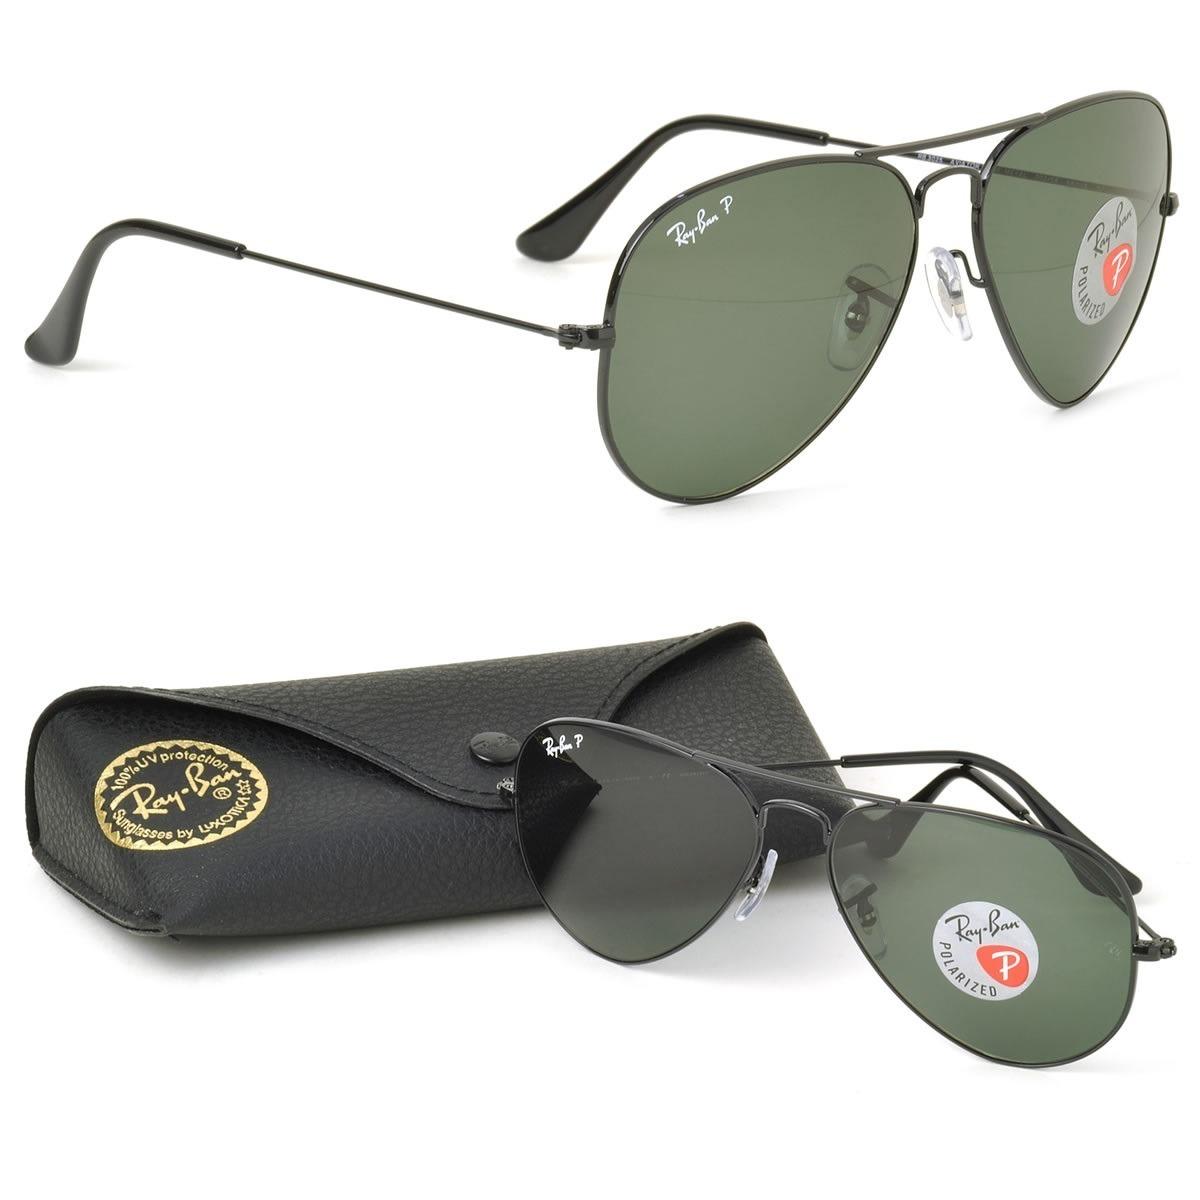 2df0a7c2fc657 oculos de sol ray ban polarizado masculino - feminino+brind. Carregando  zoom.